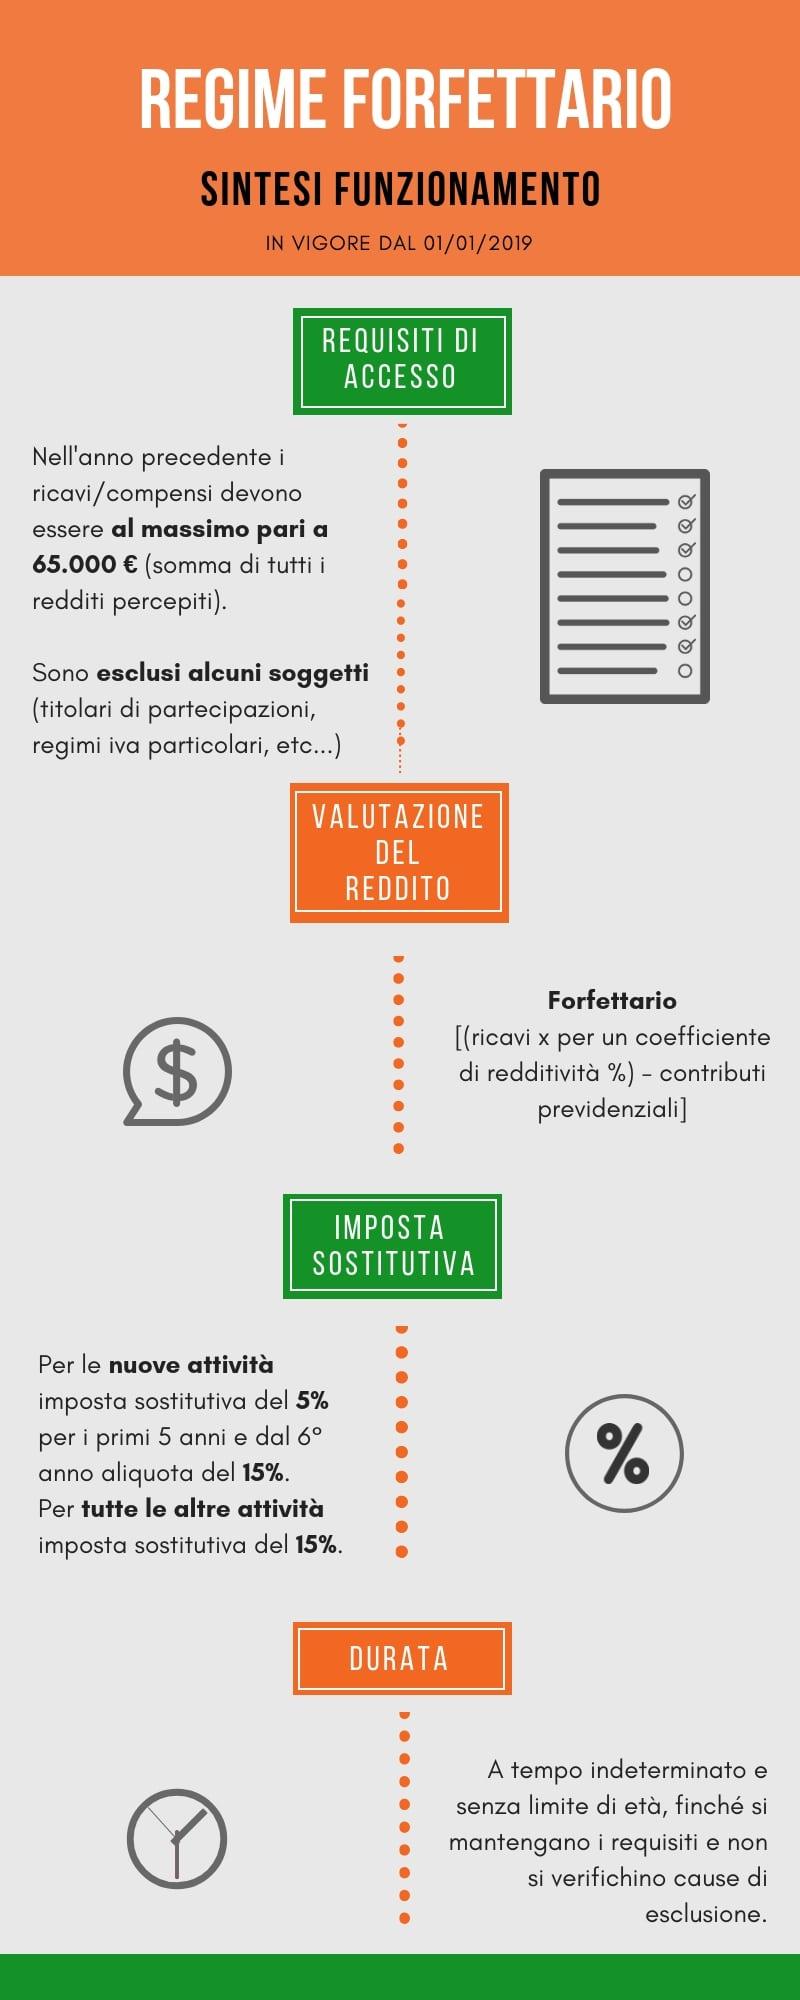 Infografica Regime Forfettario 2019